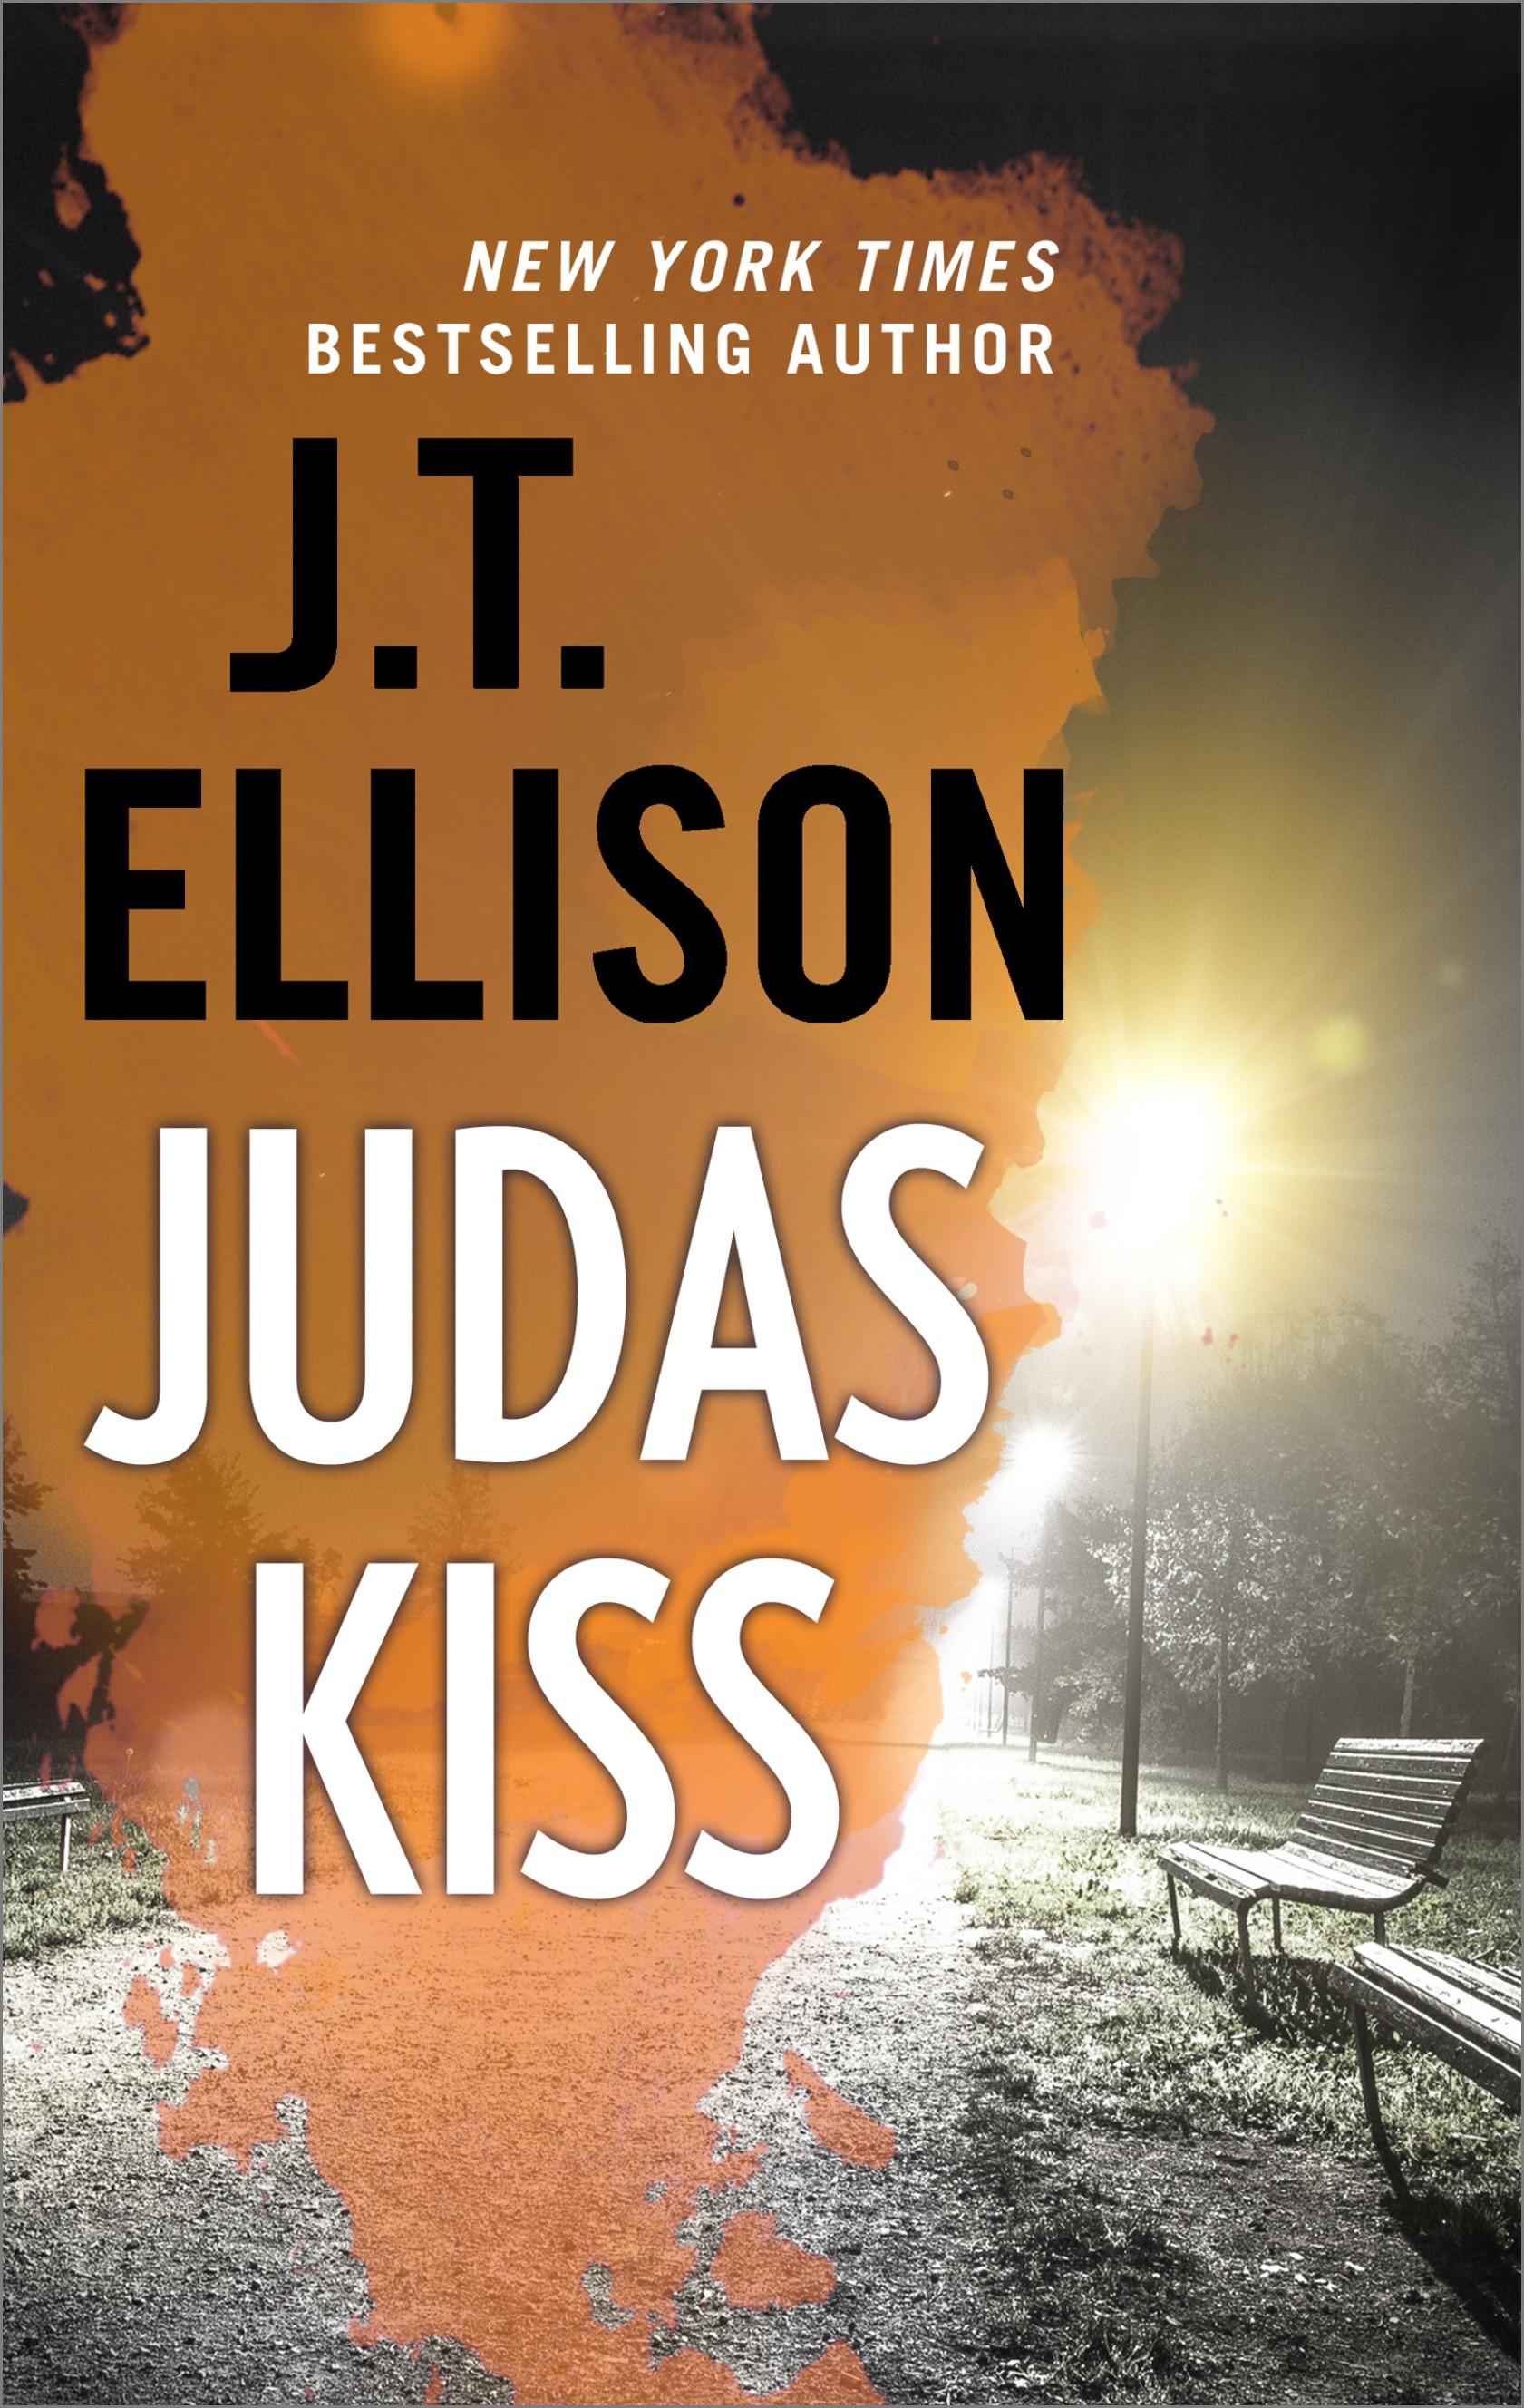 #3 - Judas Kiss